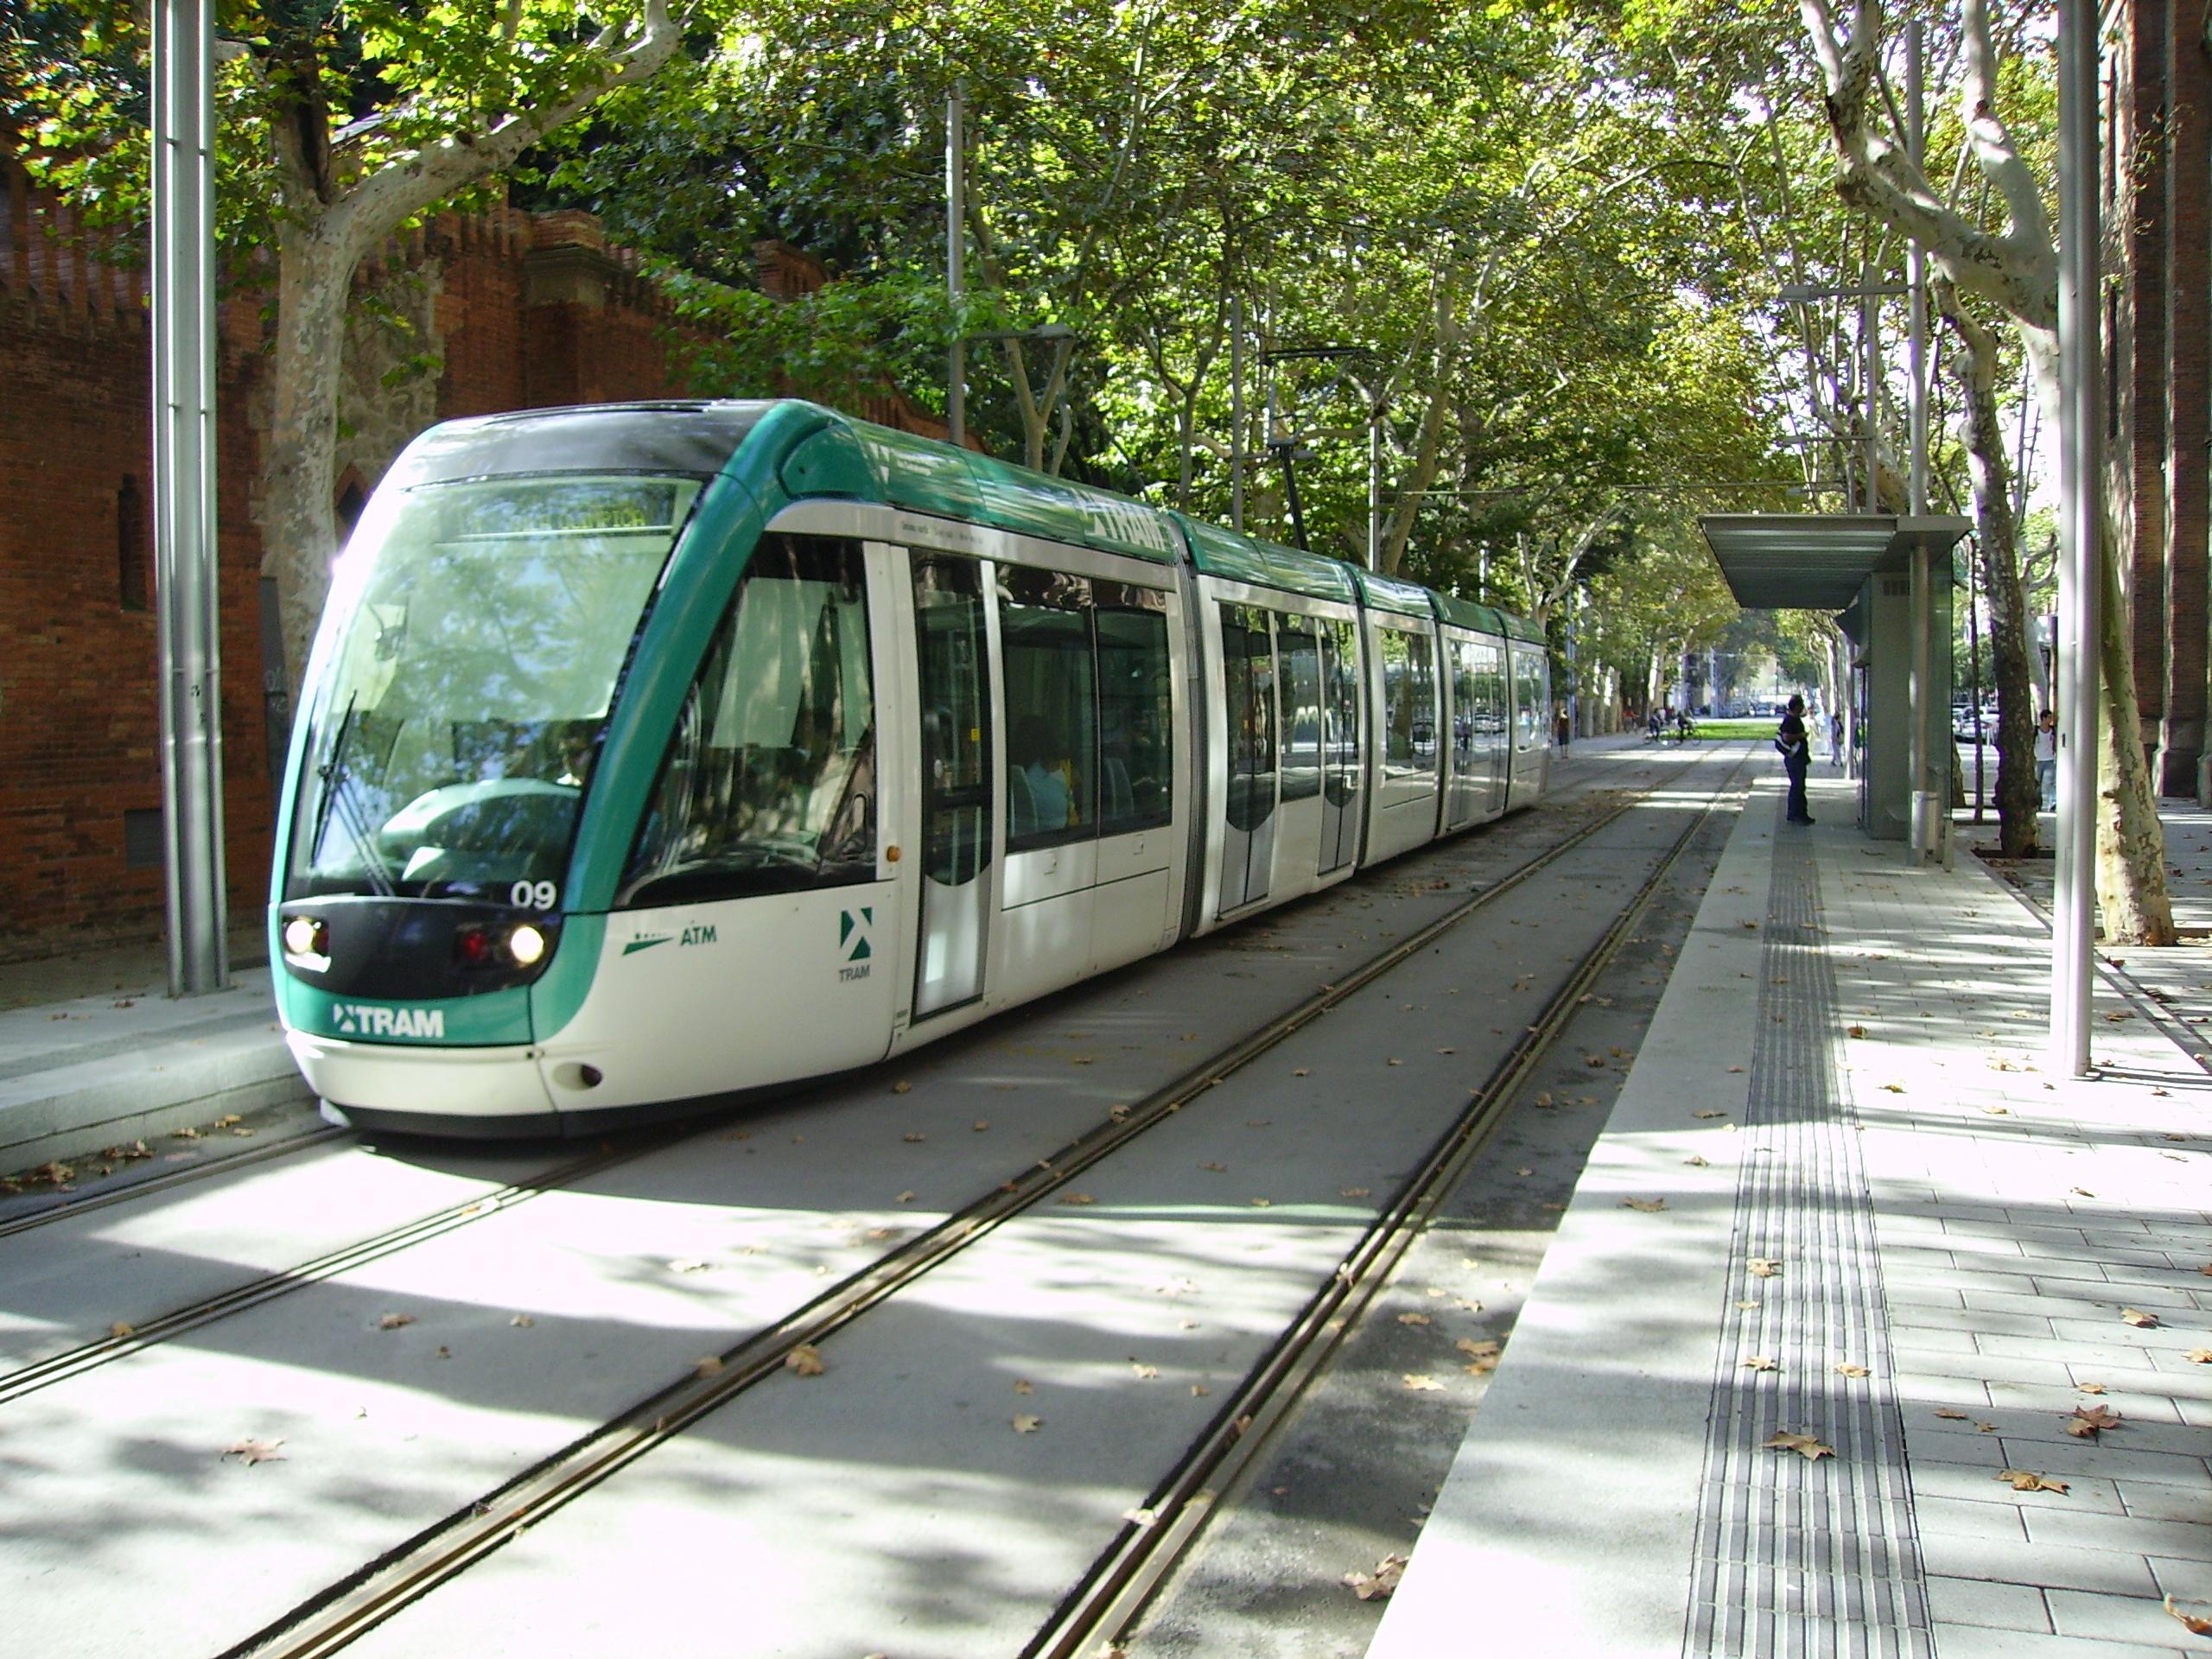 Prendere il tram a barcellona barcelona home blog for Affitti brevi barcellona